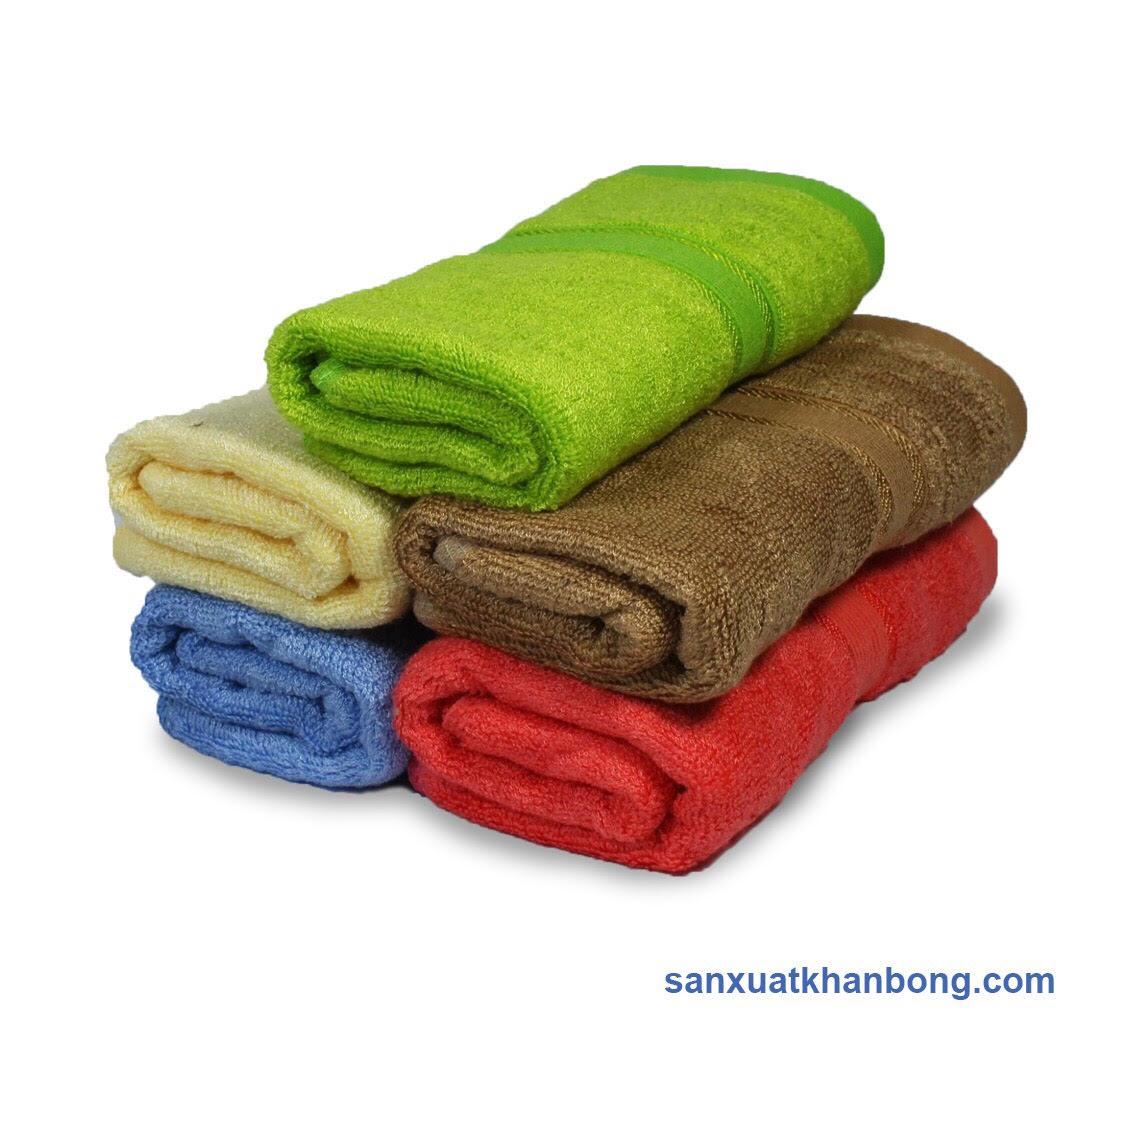 Tiêu chuẩn đánh giá khăn spa giá rẻ chất lượng tốt